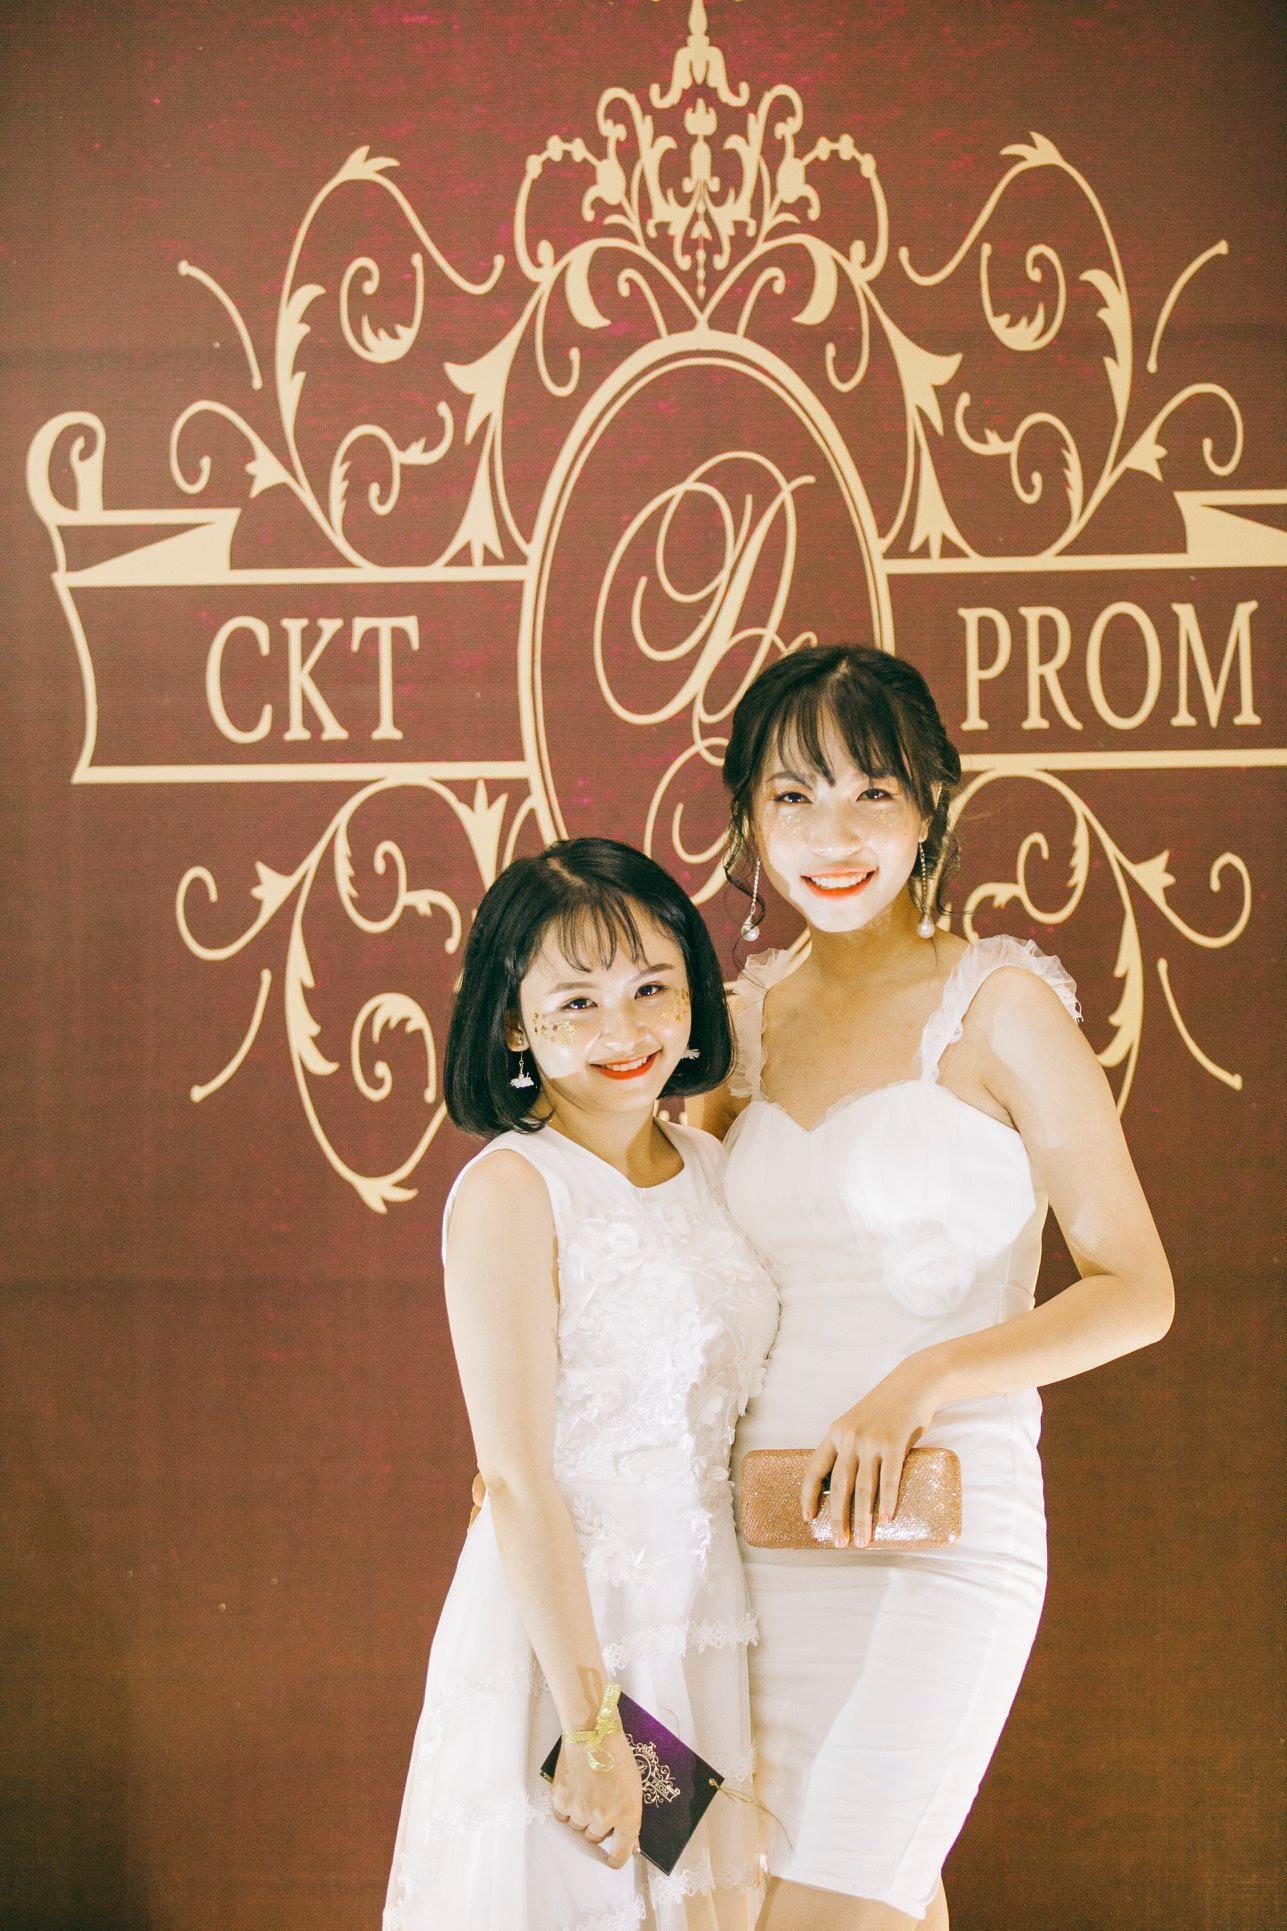 Không chỉ RMIT, trường chuyên phố núi Kon Tum cũng khiến chúng ta đã mắt với dàn trai xinh gái đẹp trong tiệc prom - Ảnh 25.